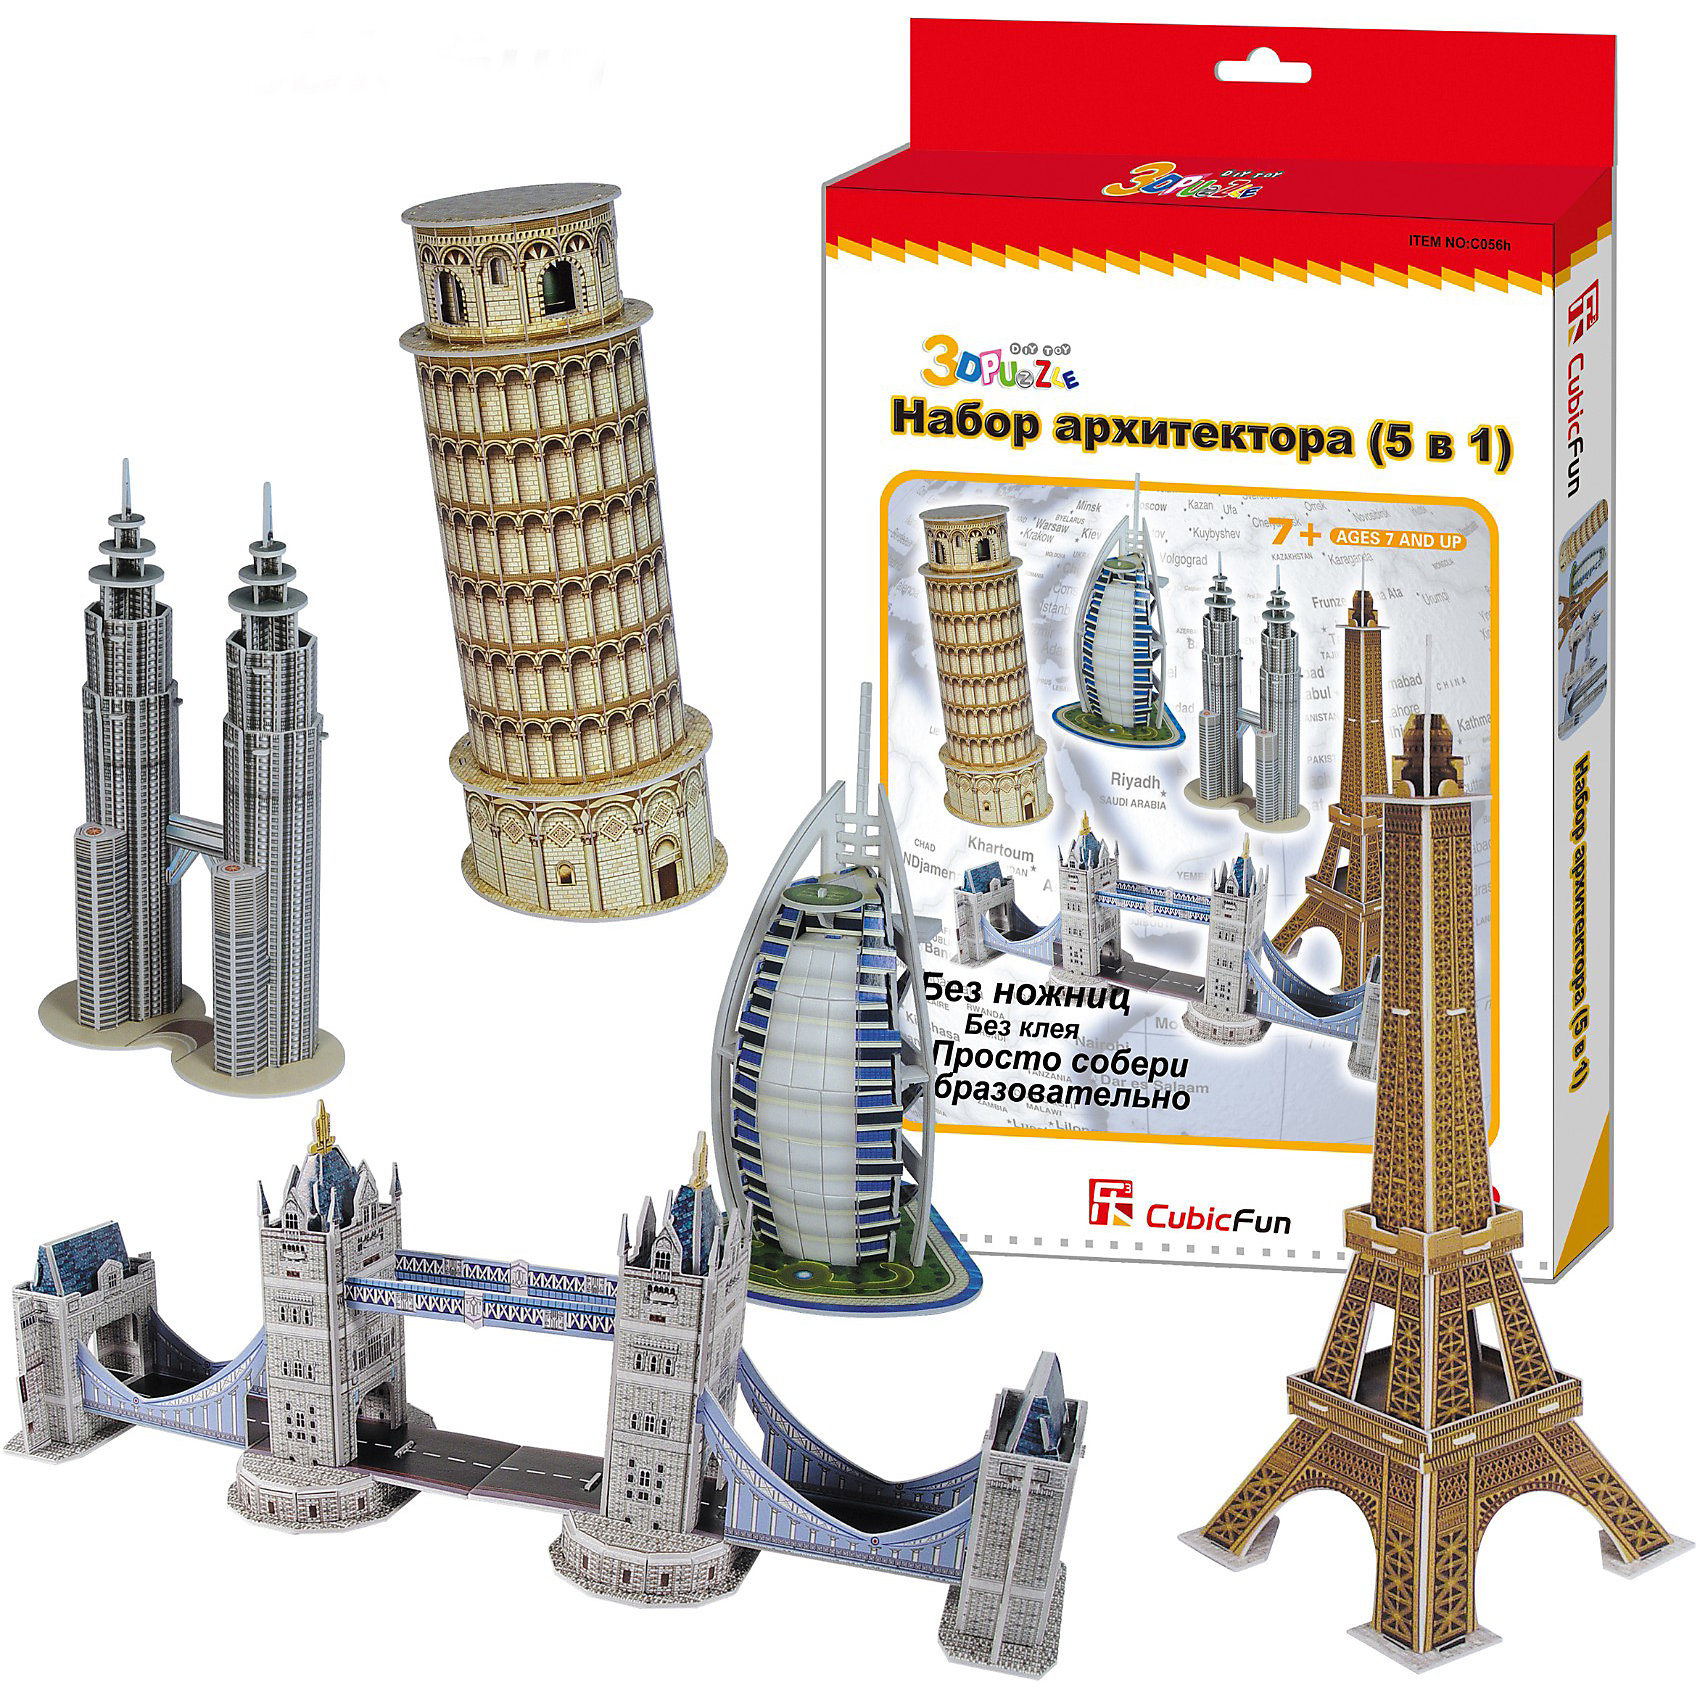 Пазлы 3D Набор архитектора (5 в 1), CubicFunВ набор входят 5 одних из самых известных архитектурных зданий мира: Тауэрский мост, Бурж эль Араб, Башни Петронас, Пиза?нская башня, Эйфелева башня. <br>УРОВЕНЬ СЛОЖНОСТИ - 4<br><br>Функции:<br>- помогает в развитии логики и творческих способностей ребенка;<br>- помогает в формировании мышления, речи, внимания, восприятия и воображения;<br>- развивает моторику рук;<br>- расширяет кругозор ребенка и стимулирует к познанию новой информации;<br>Практические характеристики:<br>- обучающая, яркая и реалистичная модель;<br>- идеально и легко собирается без инструментов;<br>- увлекательный игровой процесс;<br>- тематический ассортимент;<br>- новый качественный материал (ламинированный пенокартон) <br>- количество элементов: 99 шт<br>Размеры коробки: 30х22х2,2 см.<br><br>Пазлы 3D Набор архитектора (5 в 1), CubicFun можно купить в нашем магазине.<br><br>Ширина мм: 22<br>Глубина мм: 220<br>Высота мм: 300<br>Вес г: 716<br>Возраст от месяцев: 60<br>Возраст до месяцев: 144<br>Пол: Унисекс<br>Возраст: Детский<br>SKU: 2276275